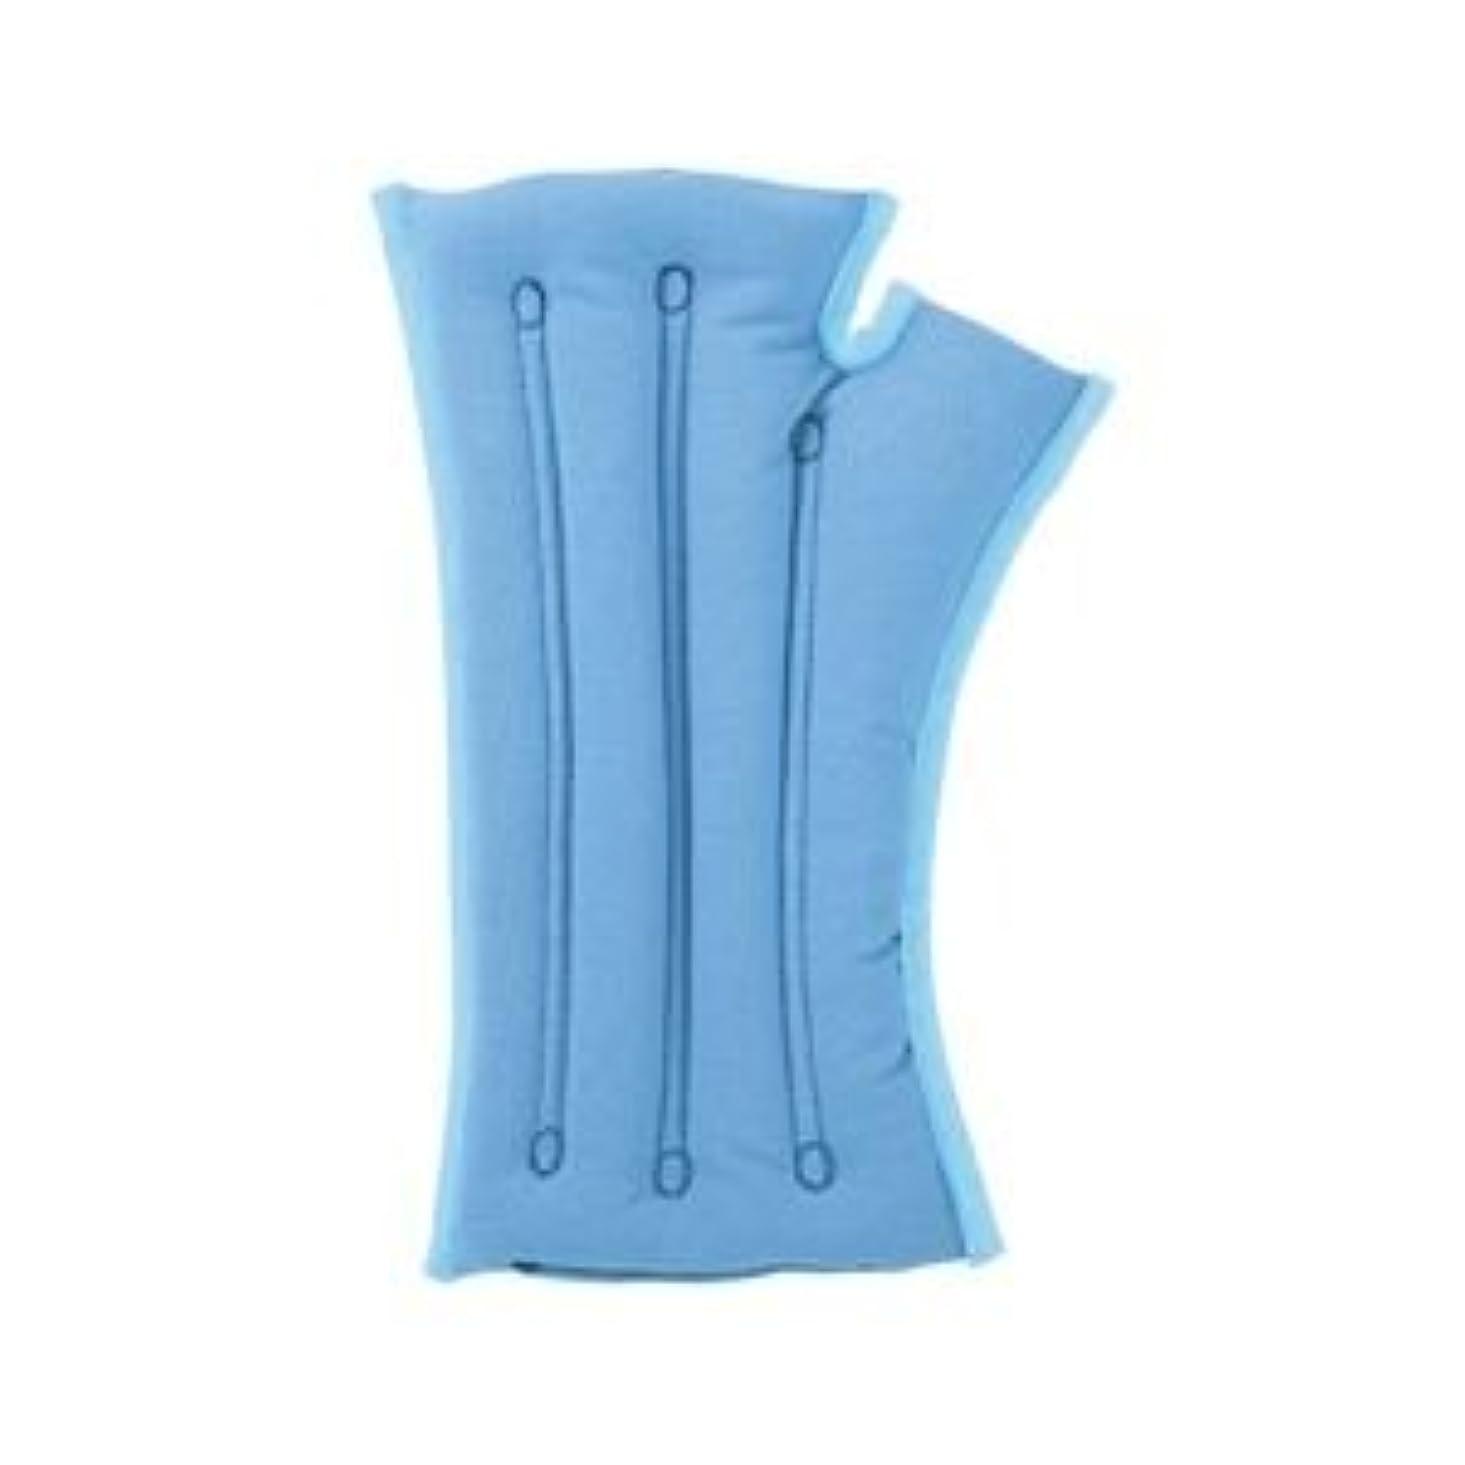 インチ定期的なだらしないmusshu(ムッシュ) 手首枕 サクラ咲く手首まくら(両手用) ブルー Lサイズ